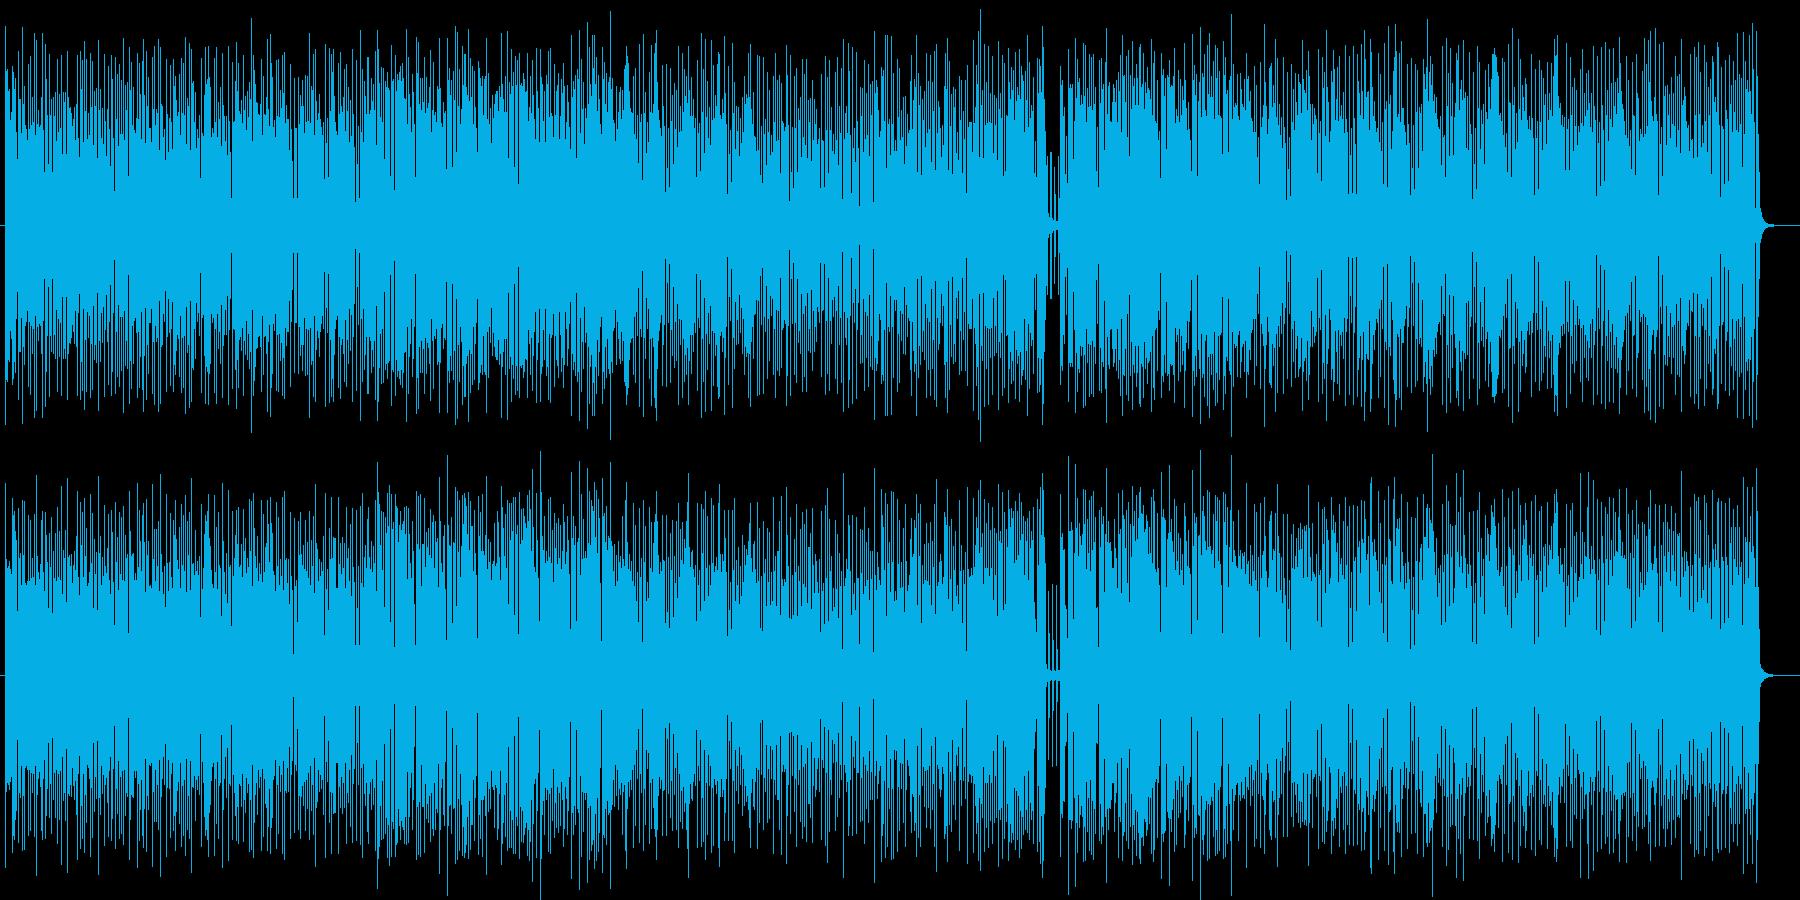 アップテンポで勢いのあるミュージックの再生済みの波形